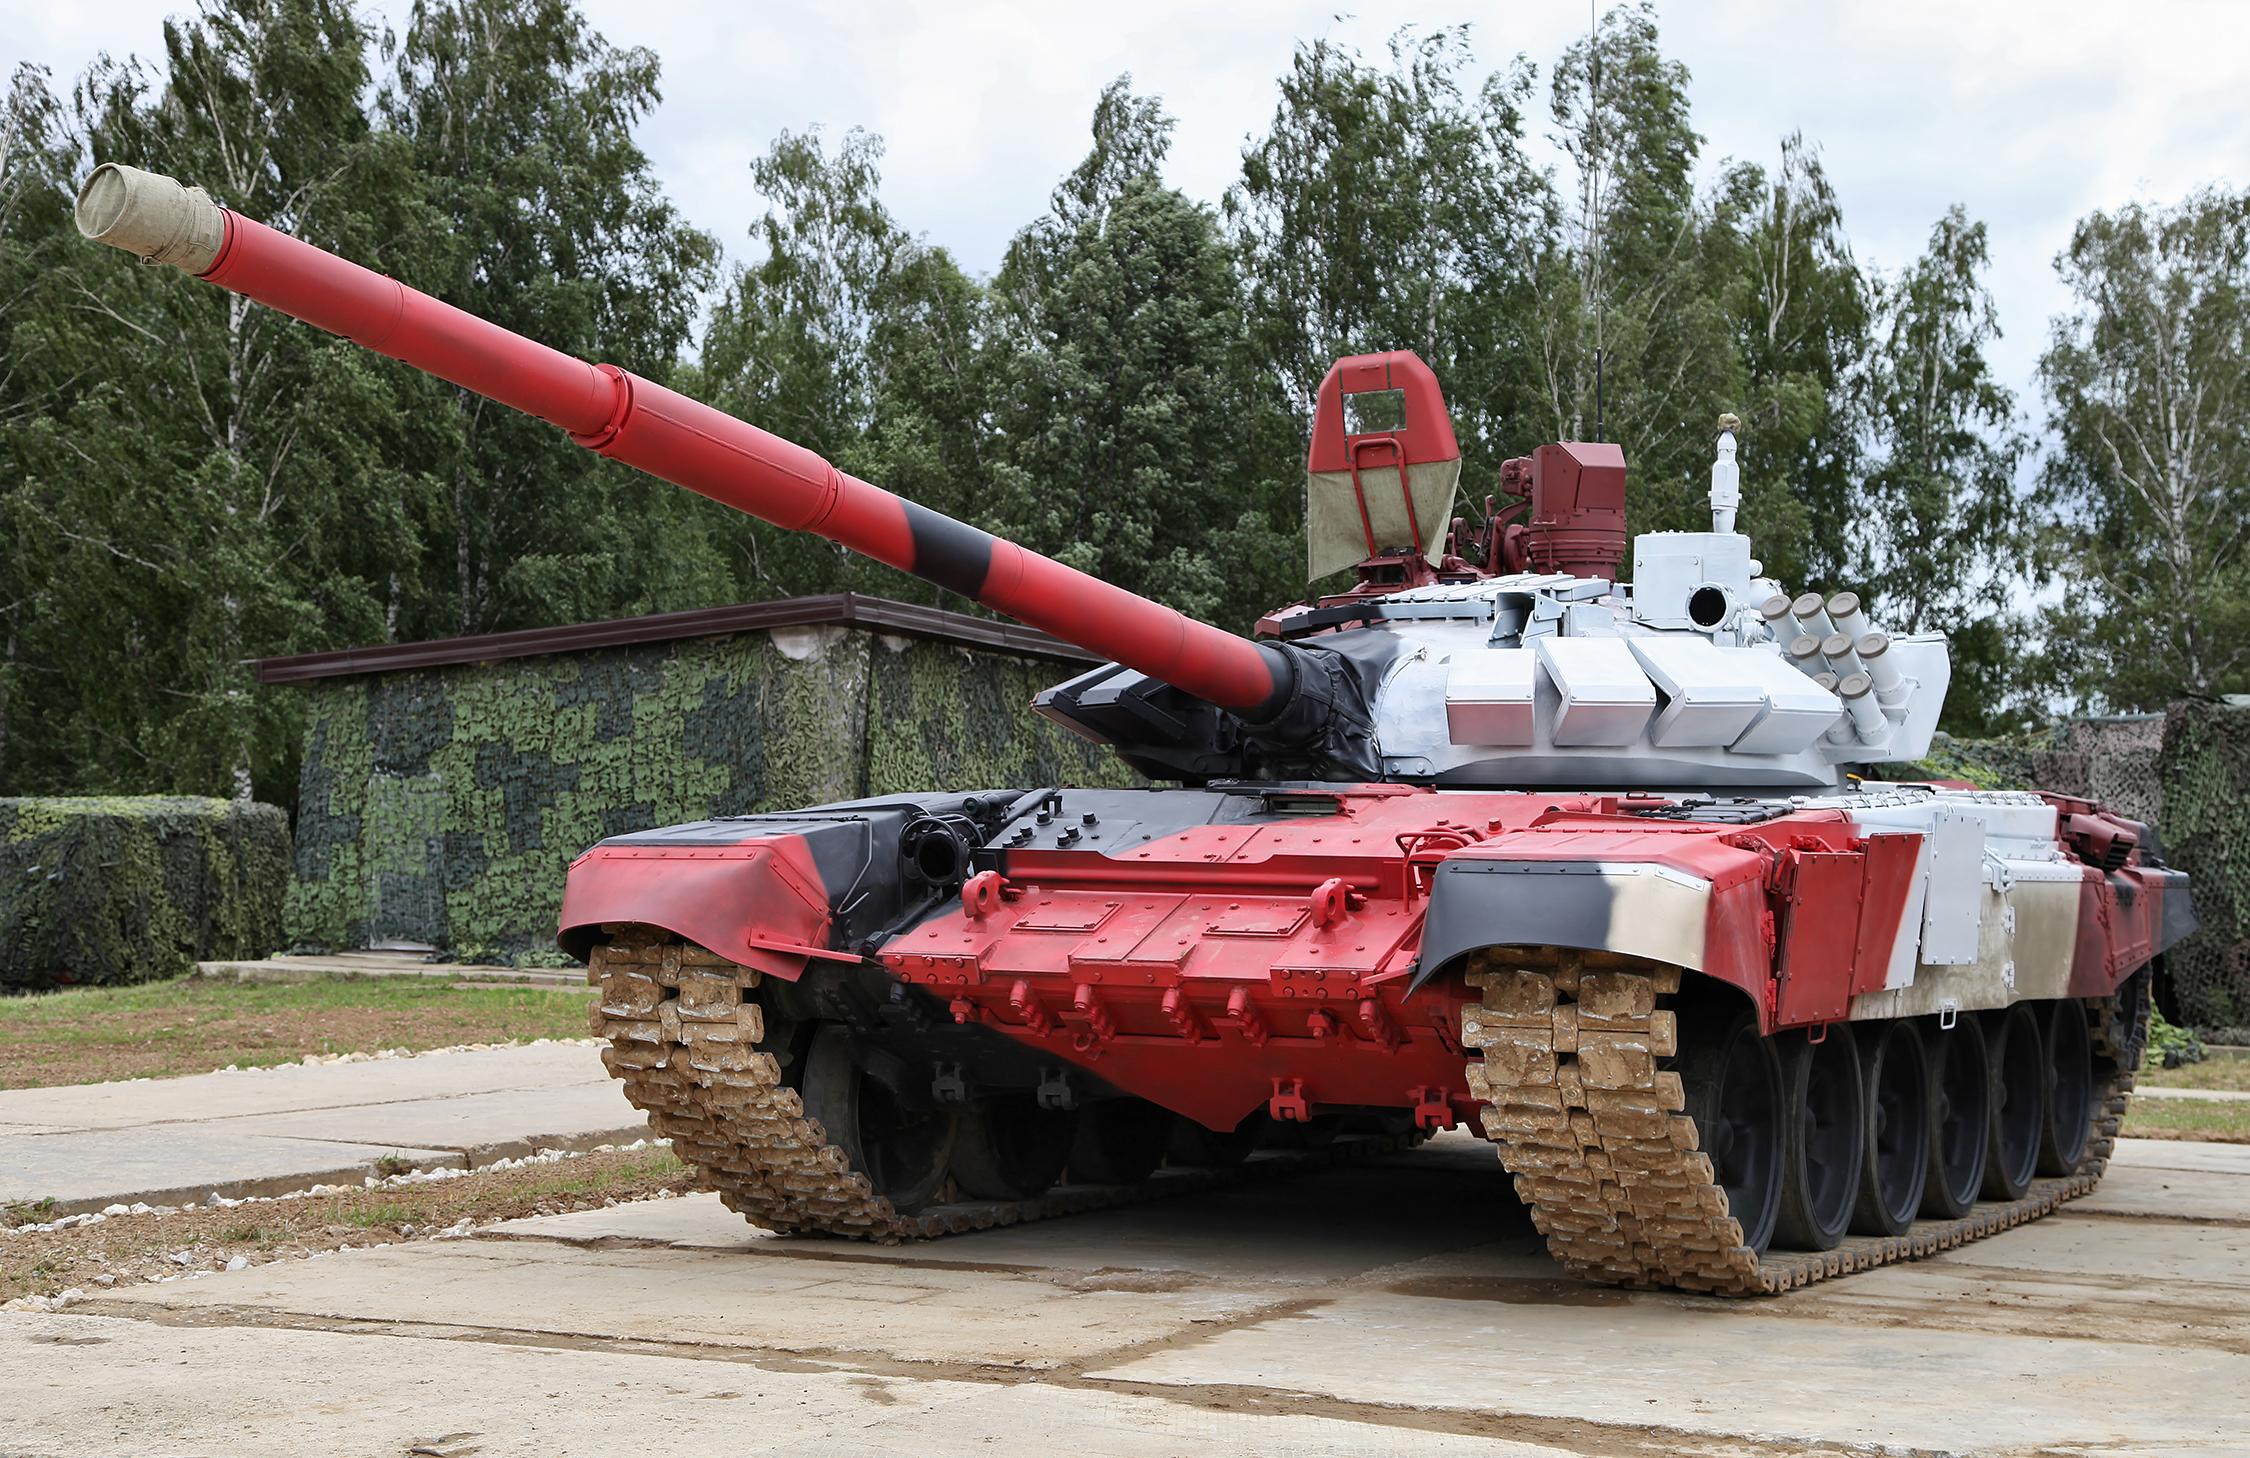 Танк Т-72Б3 образца 2014 года враскраске для танкового биатлона. Отличается наличием панорамного тепловизионного прибора командира, увеличенной мощностью двигателя, автоматом переключения передач исистемой управления движения сречевым информатором критических режимов работы узлов.